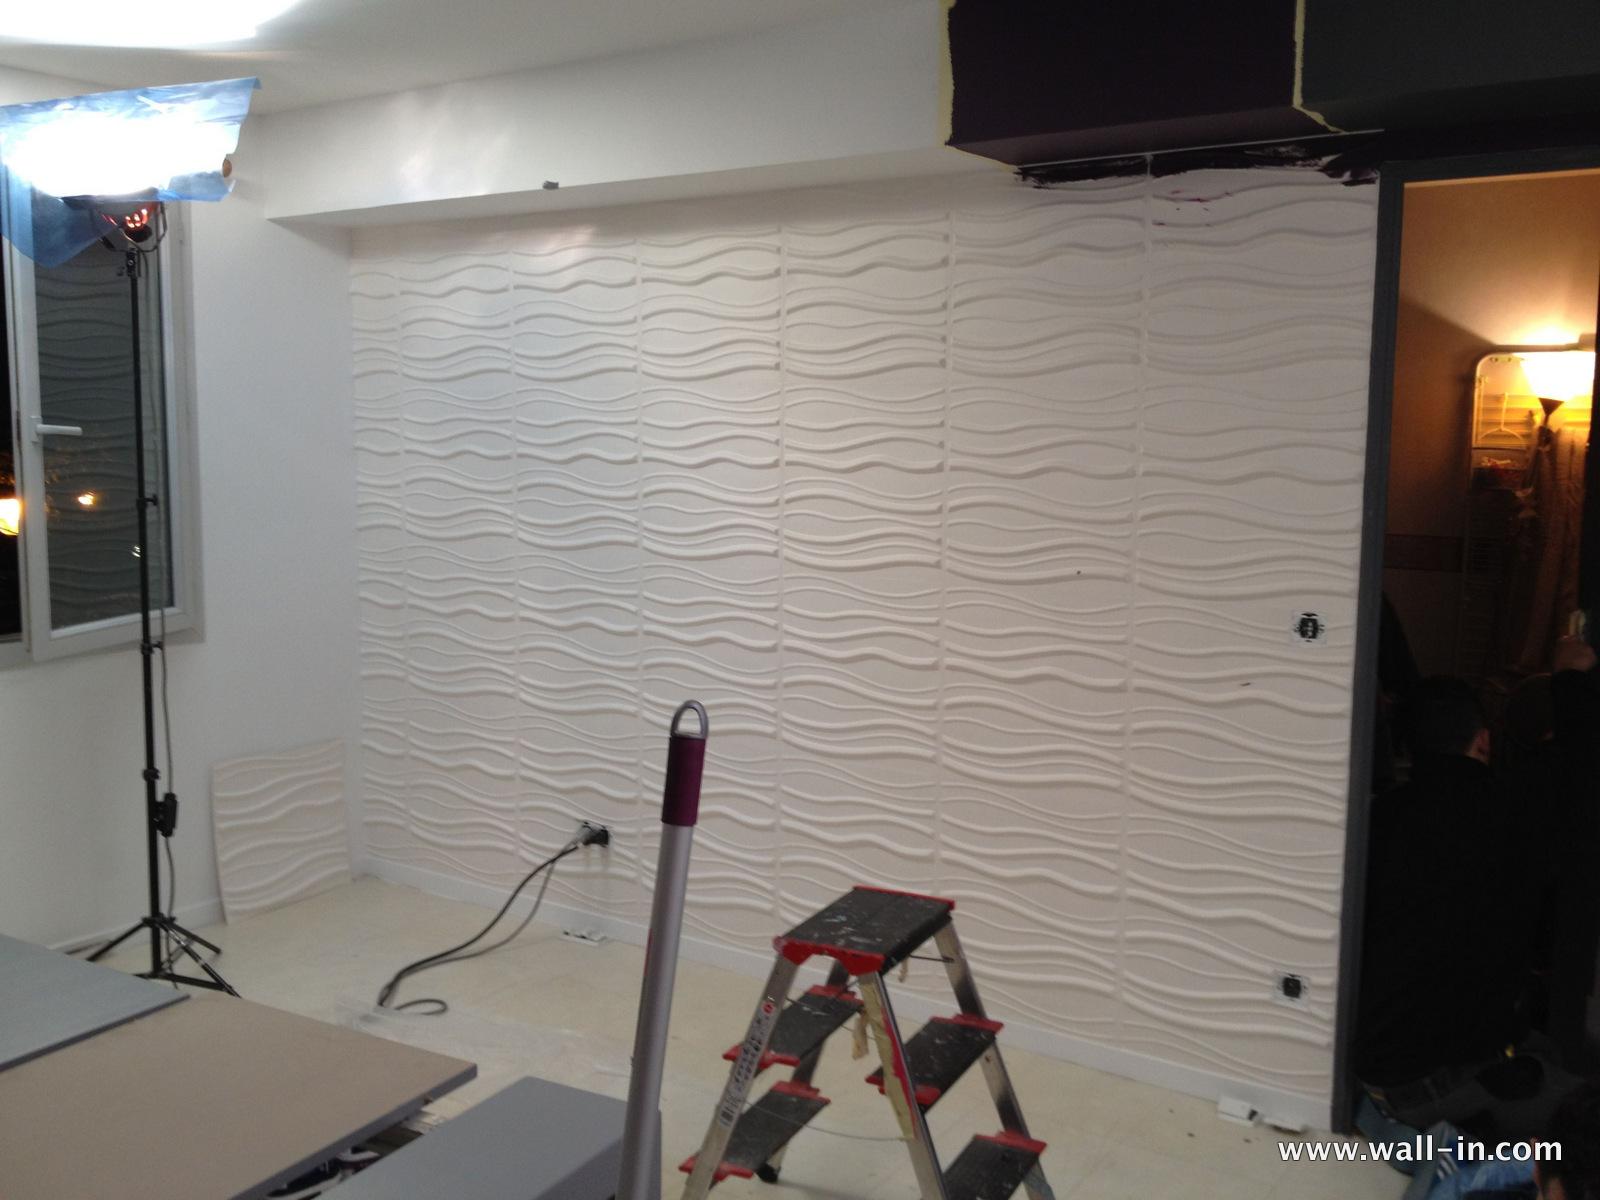 choisir le bon rev tement mural pour embellir votre int rieur wall 39 in. Black Bedroom Furniture Sets. Home Design Ideas